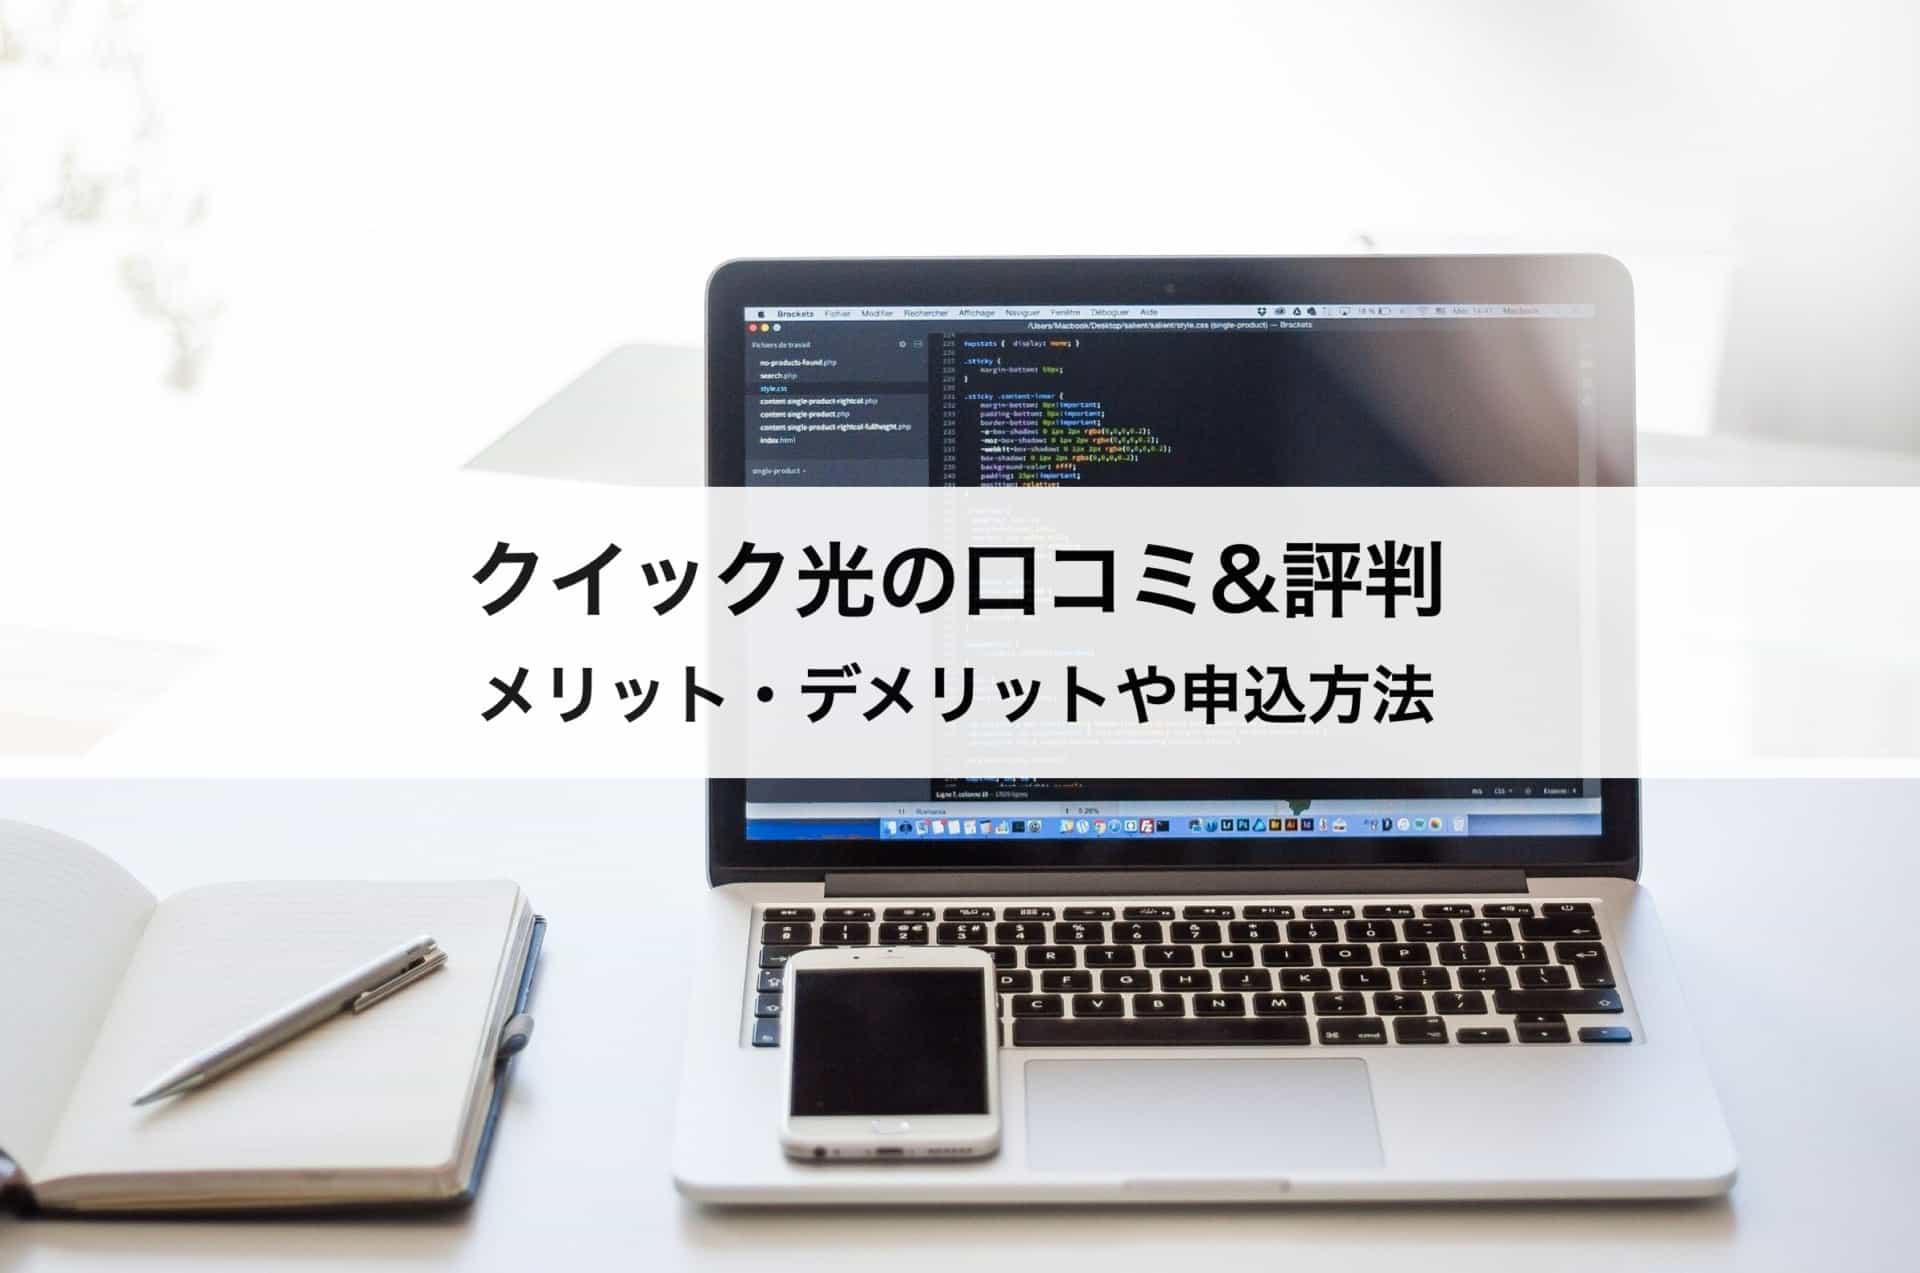 クイック光の口コミ&評判|メリット・デメリットや申込方法まで徹底解説!